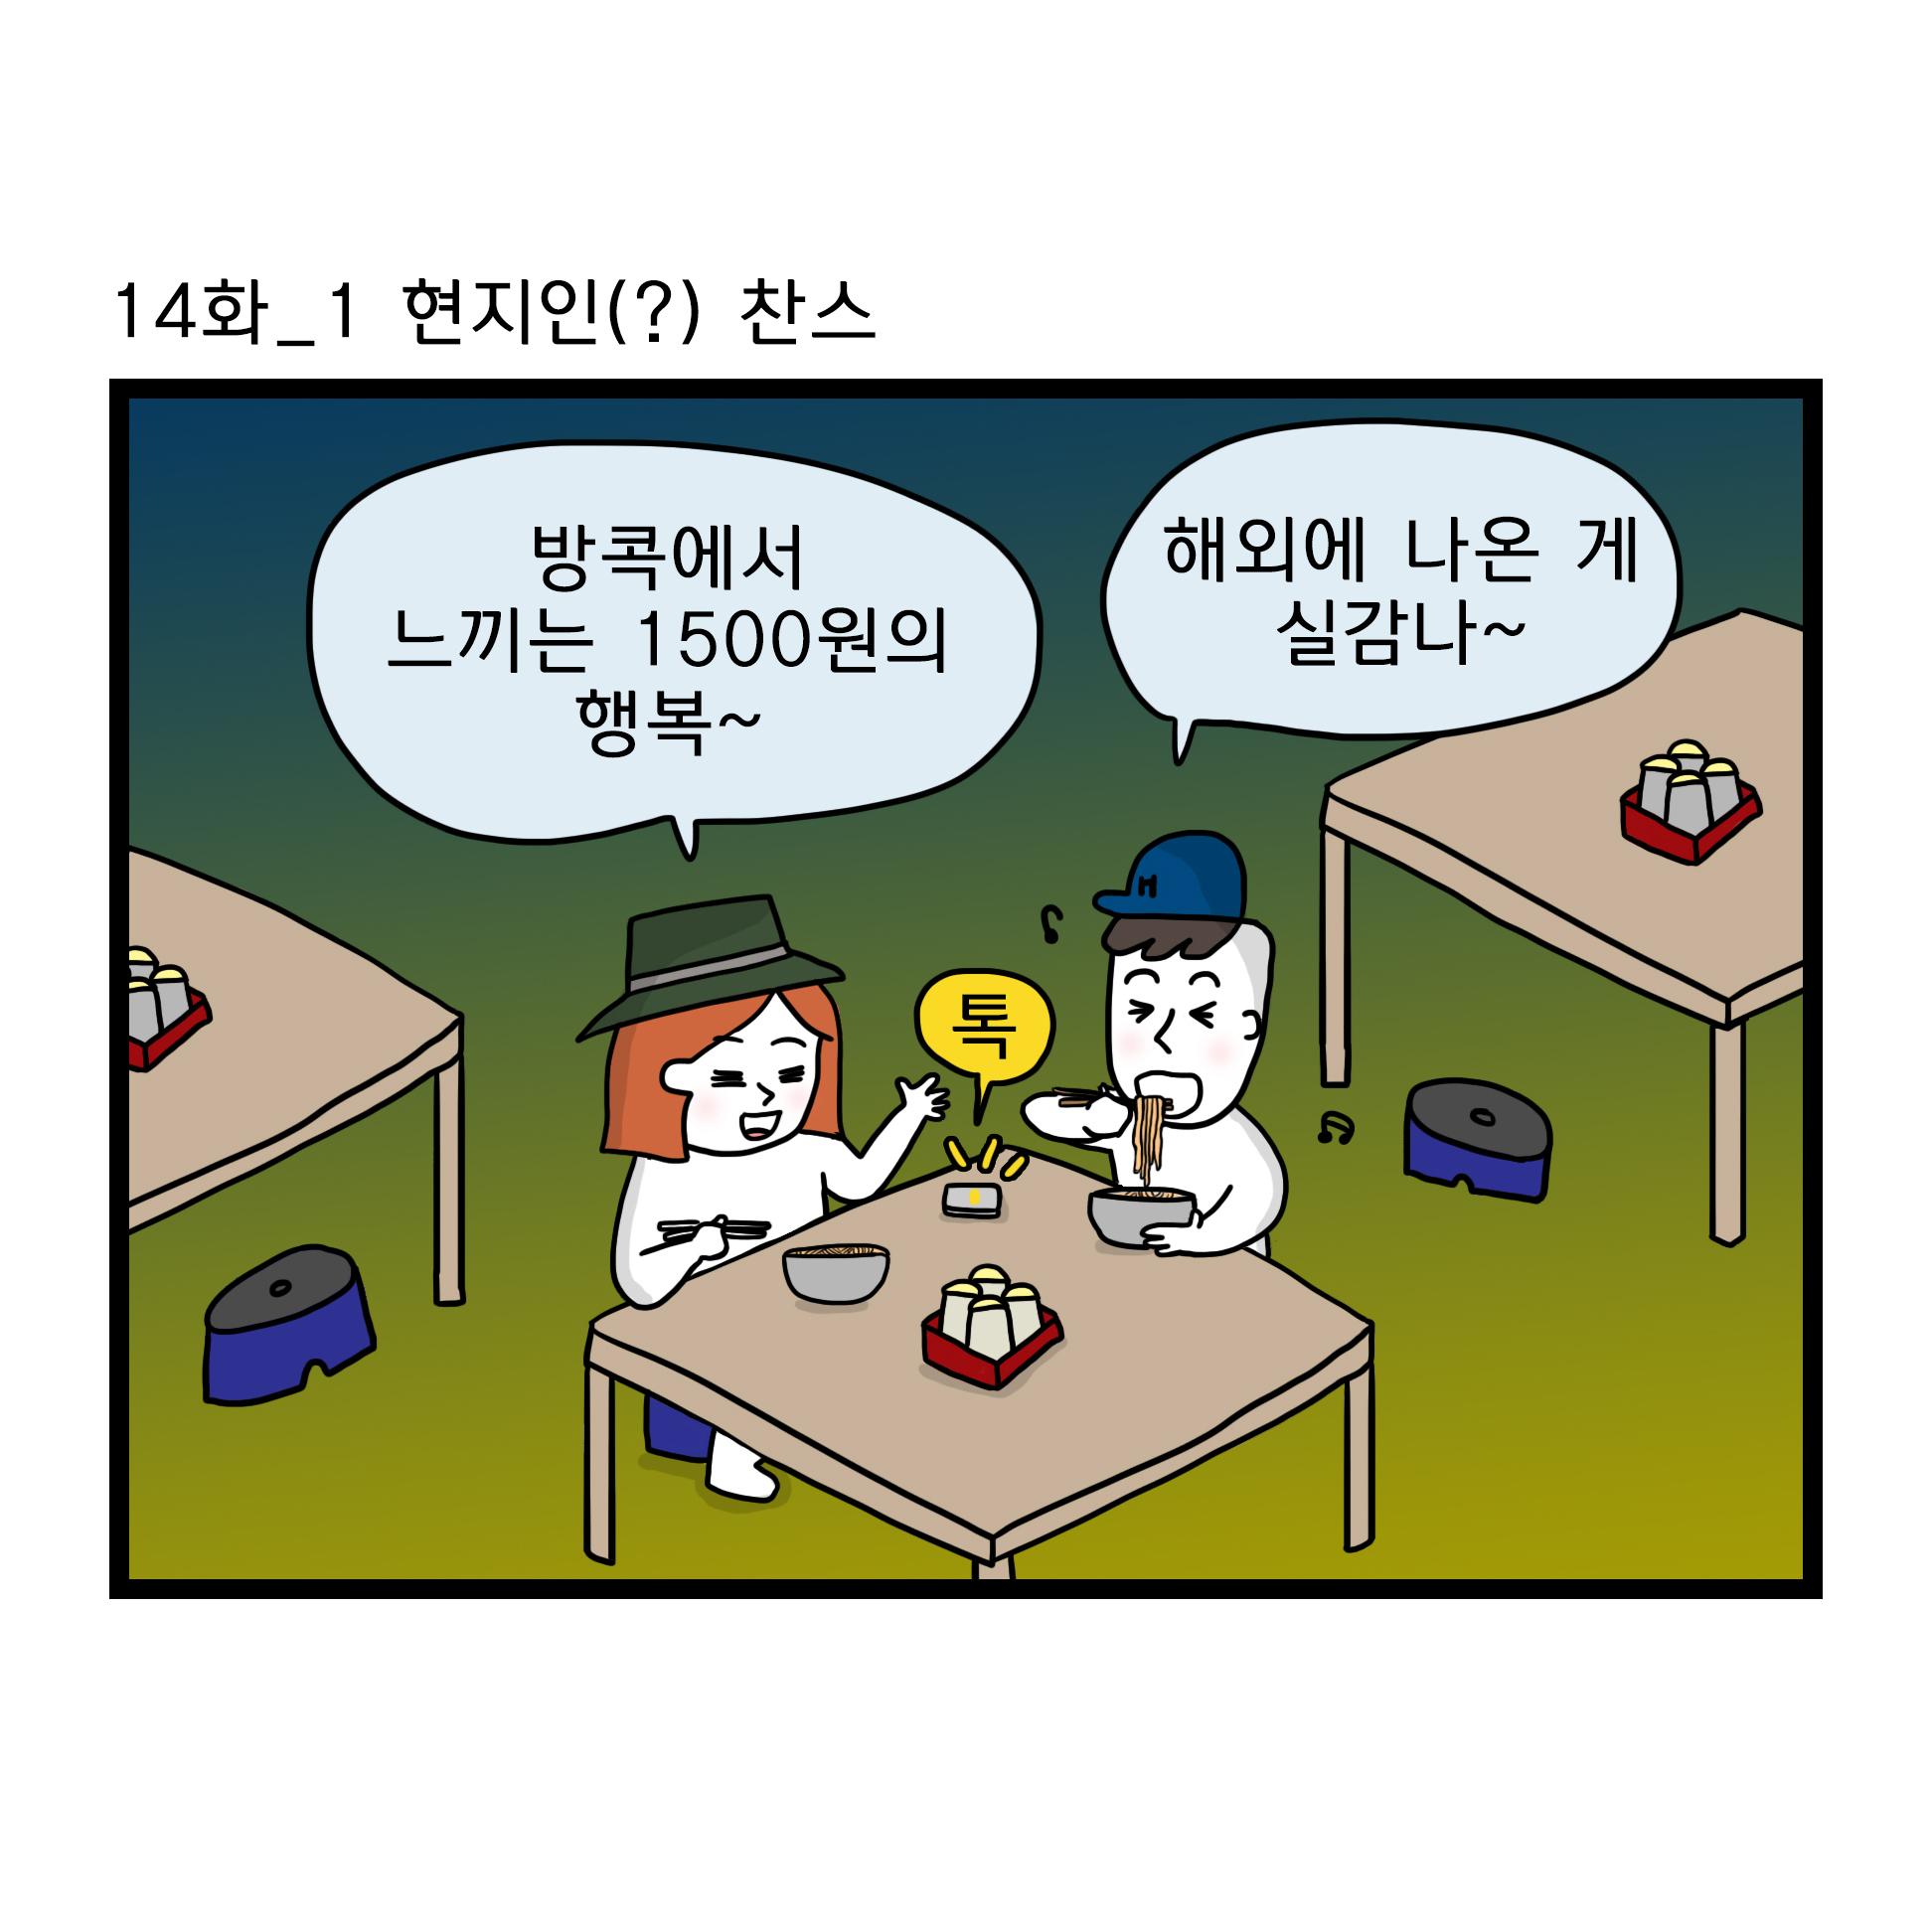 [14화] 흔한 대학 모임의 장소 - 부부 세계 여행 ...